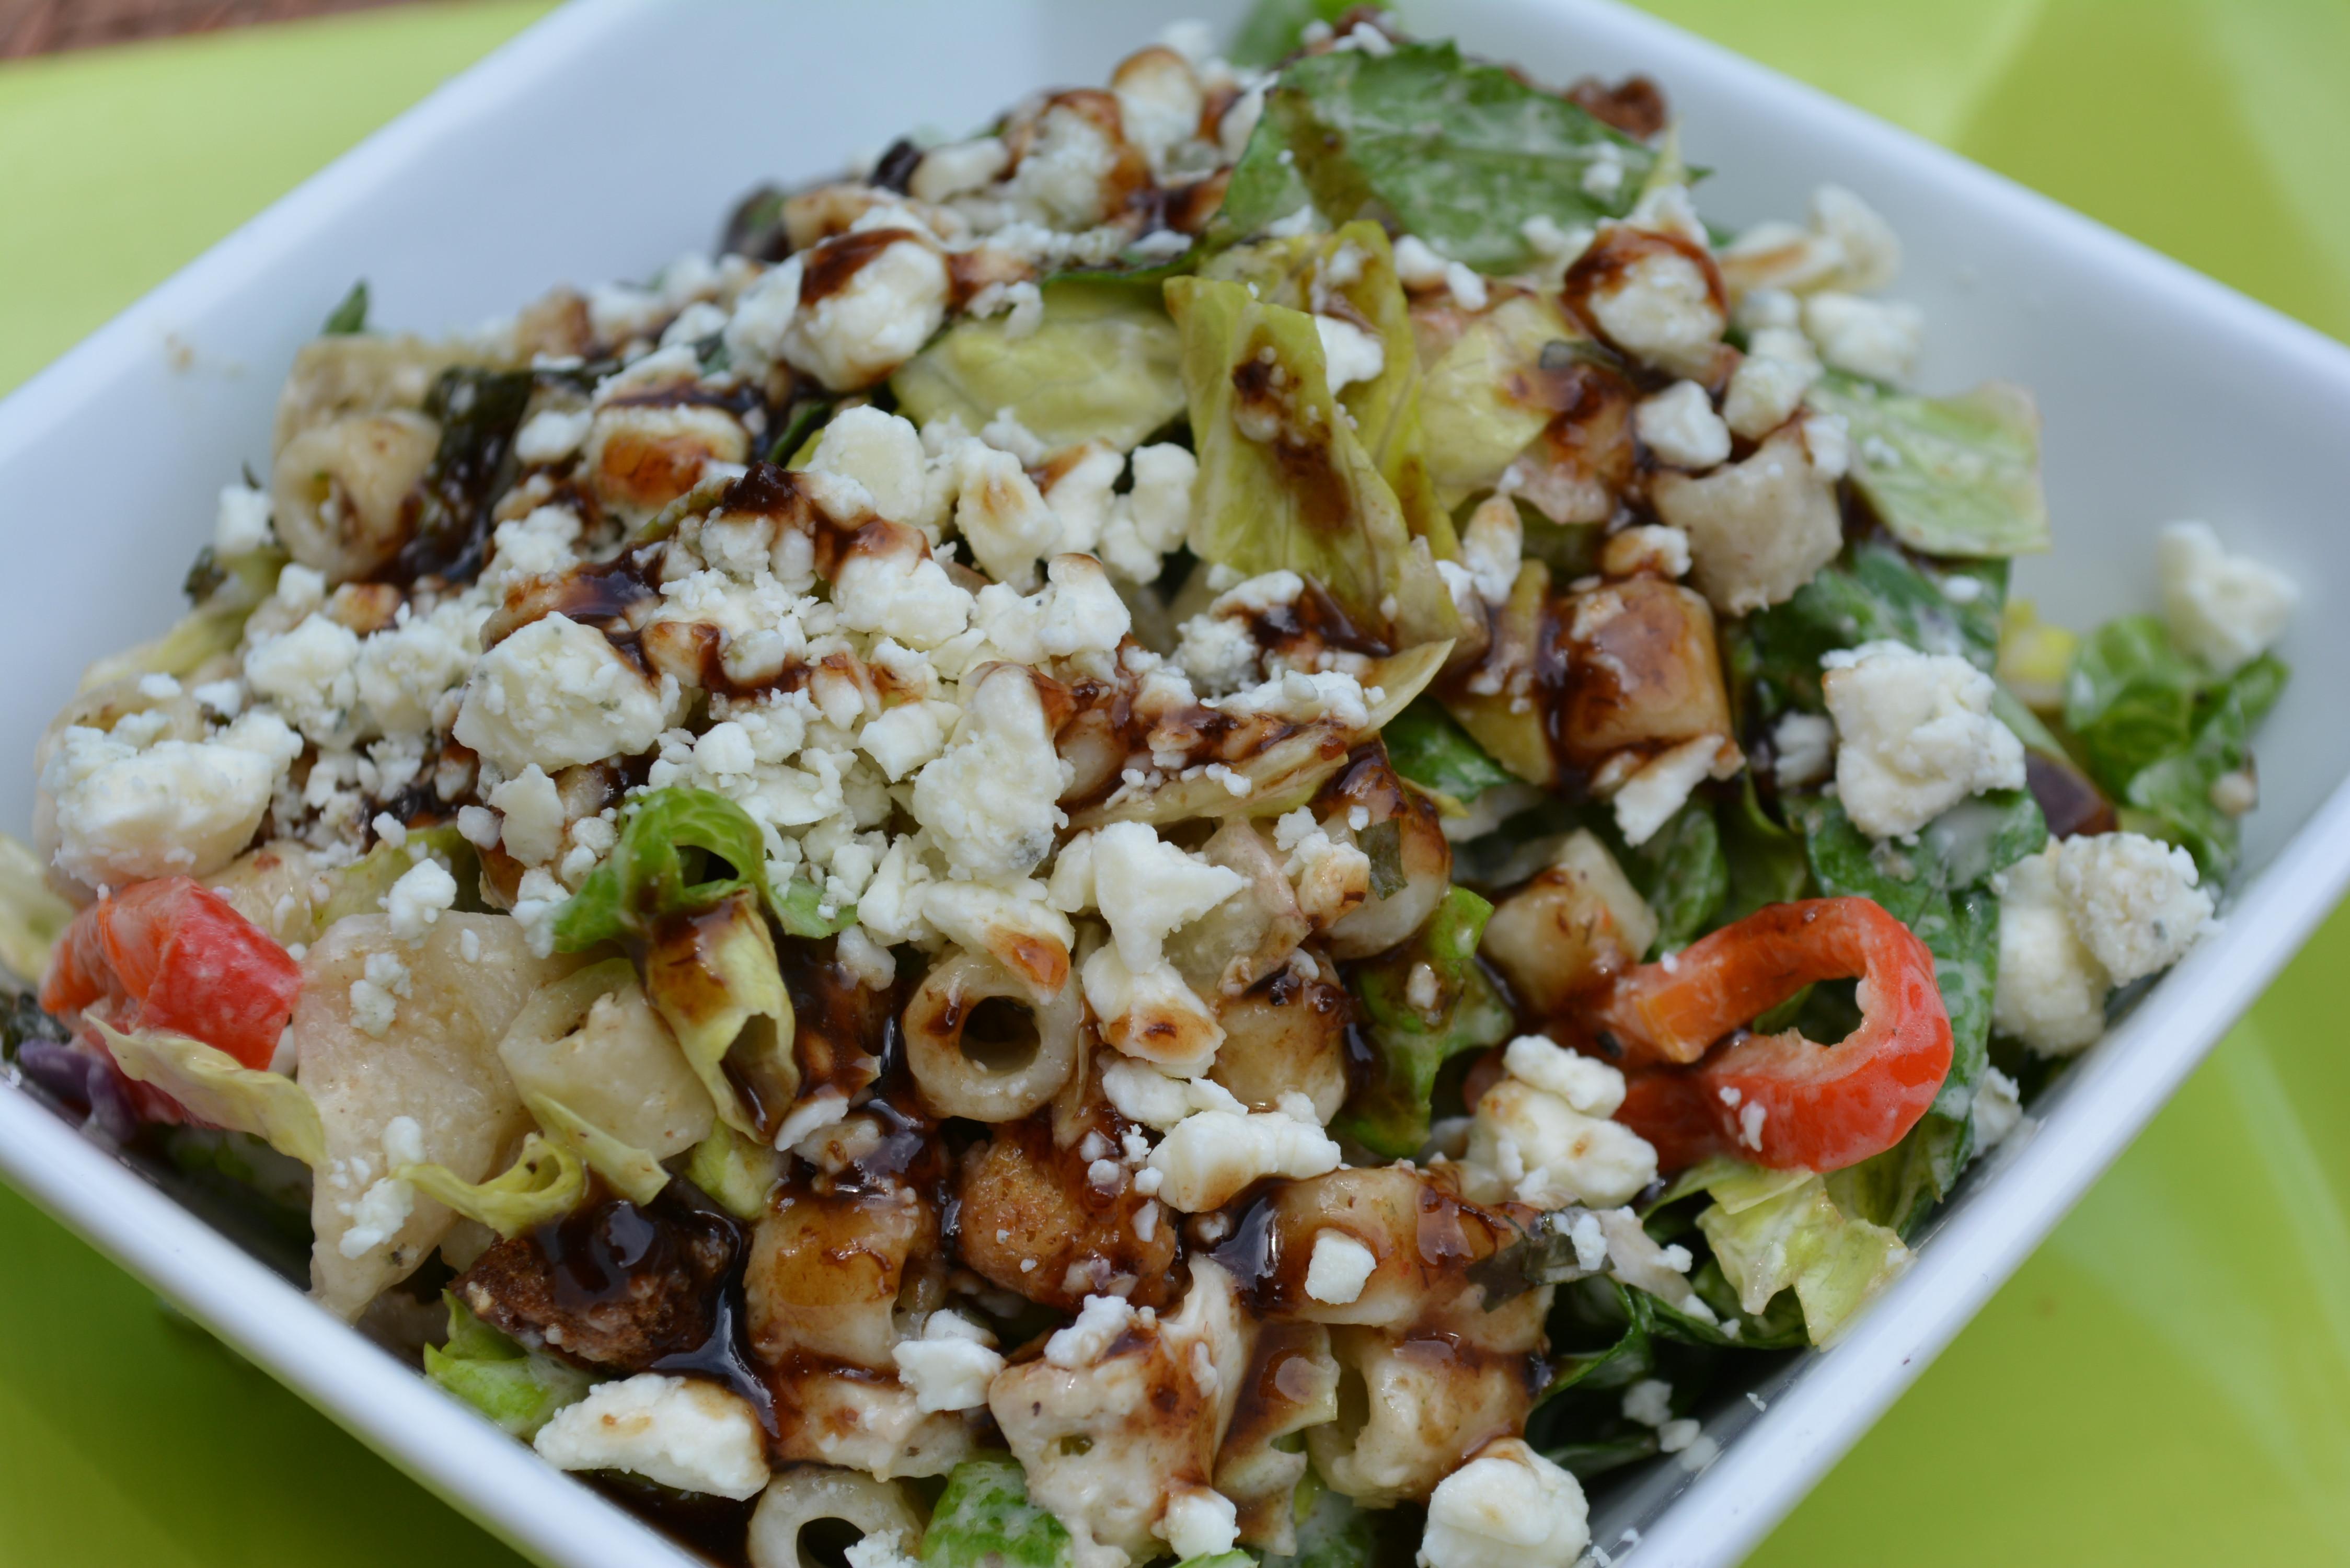 Italian Summer Salads  Italian Summer Salad with Fig Balsamic Glaze